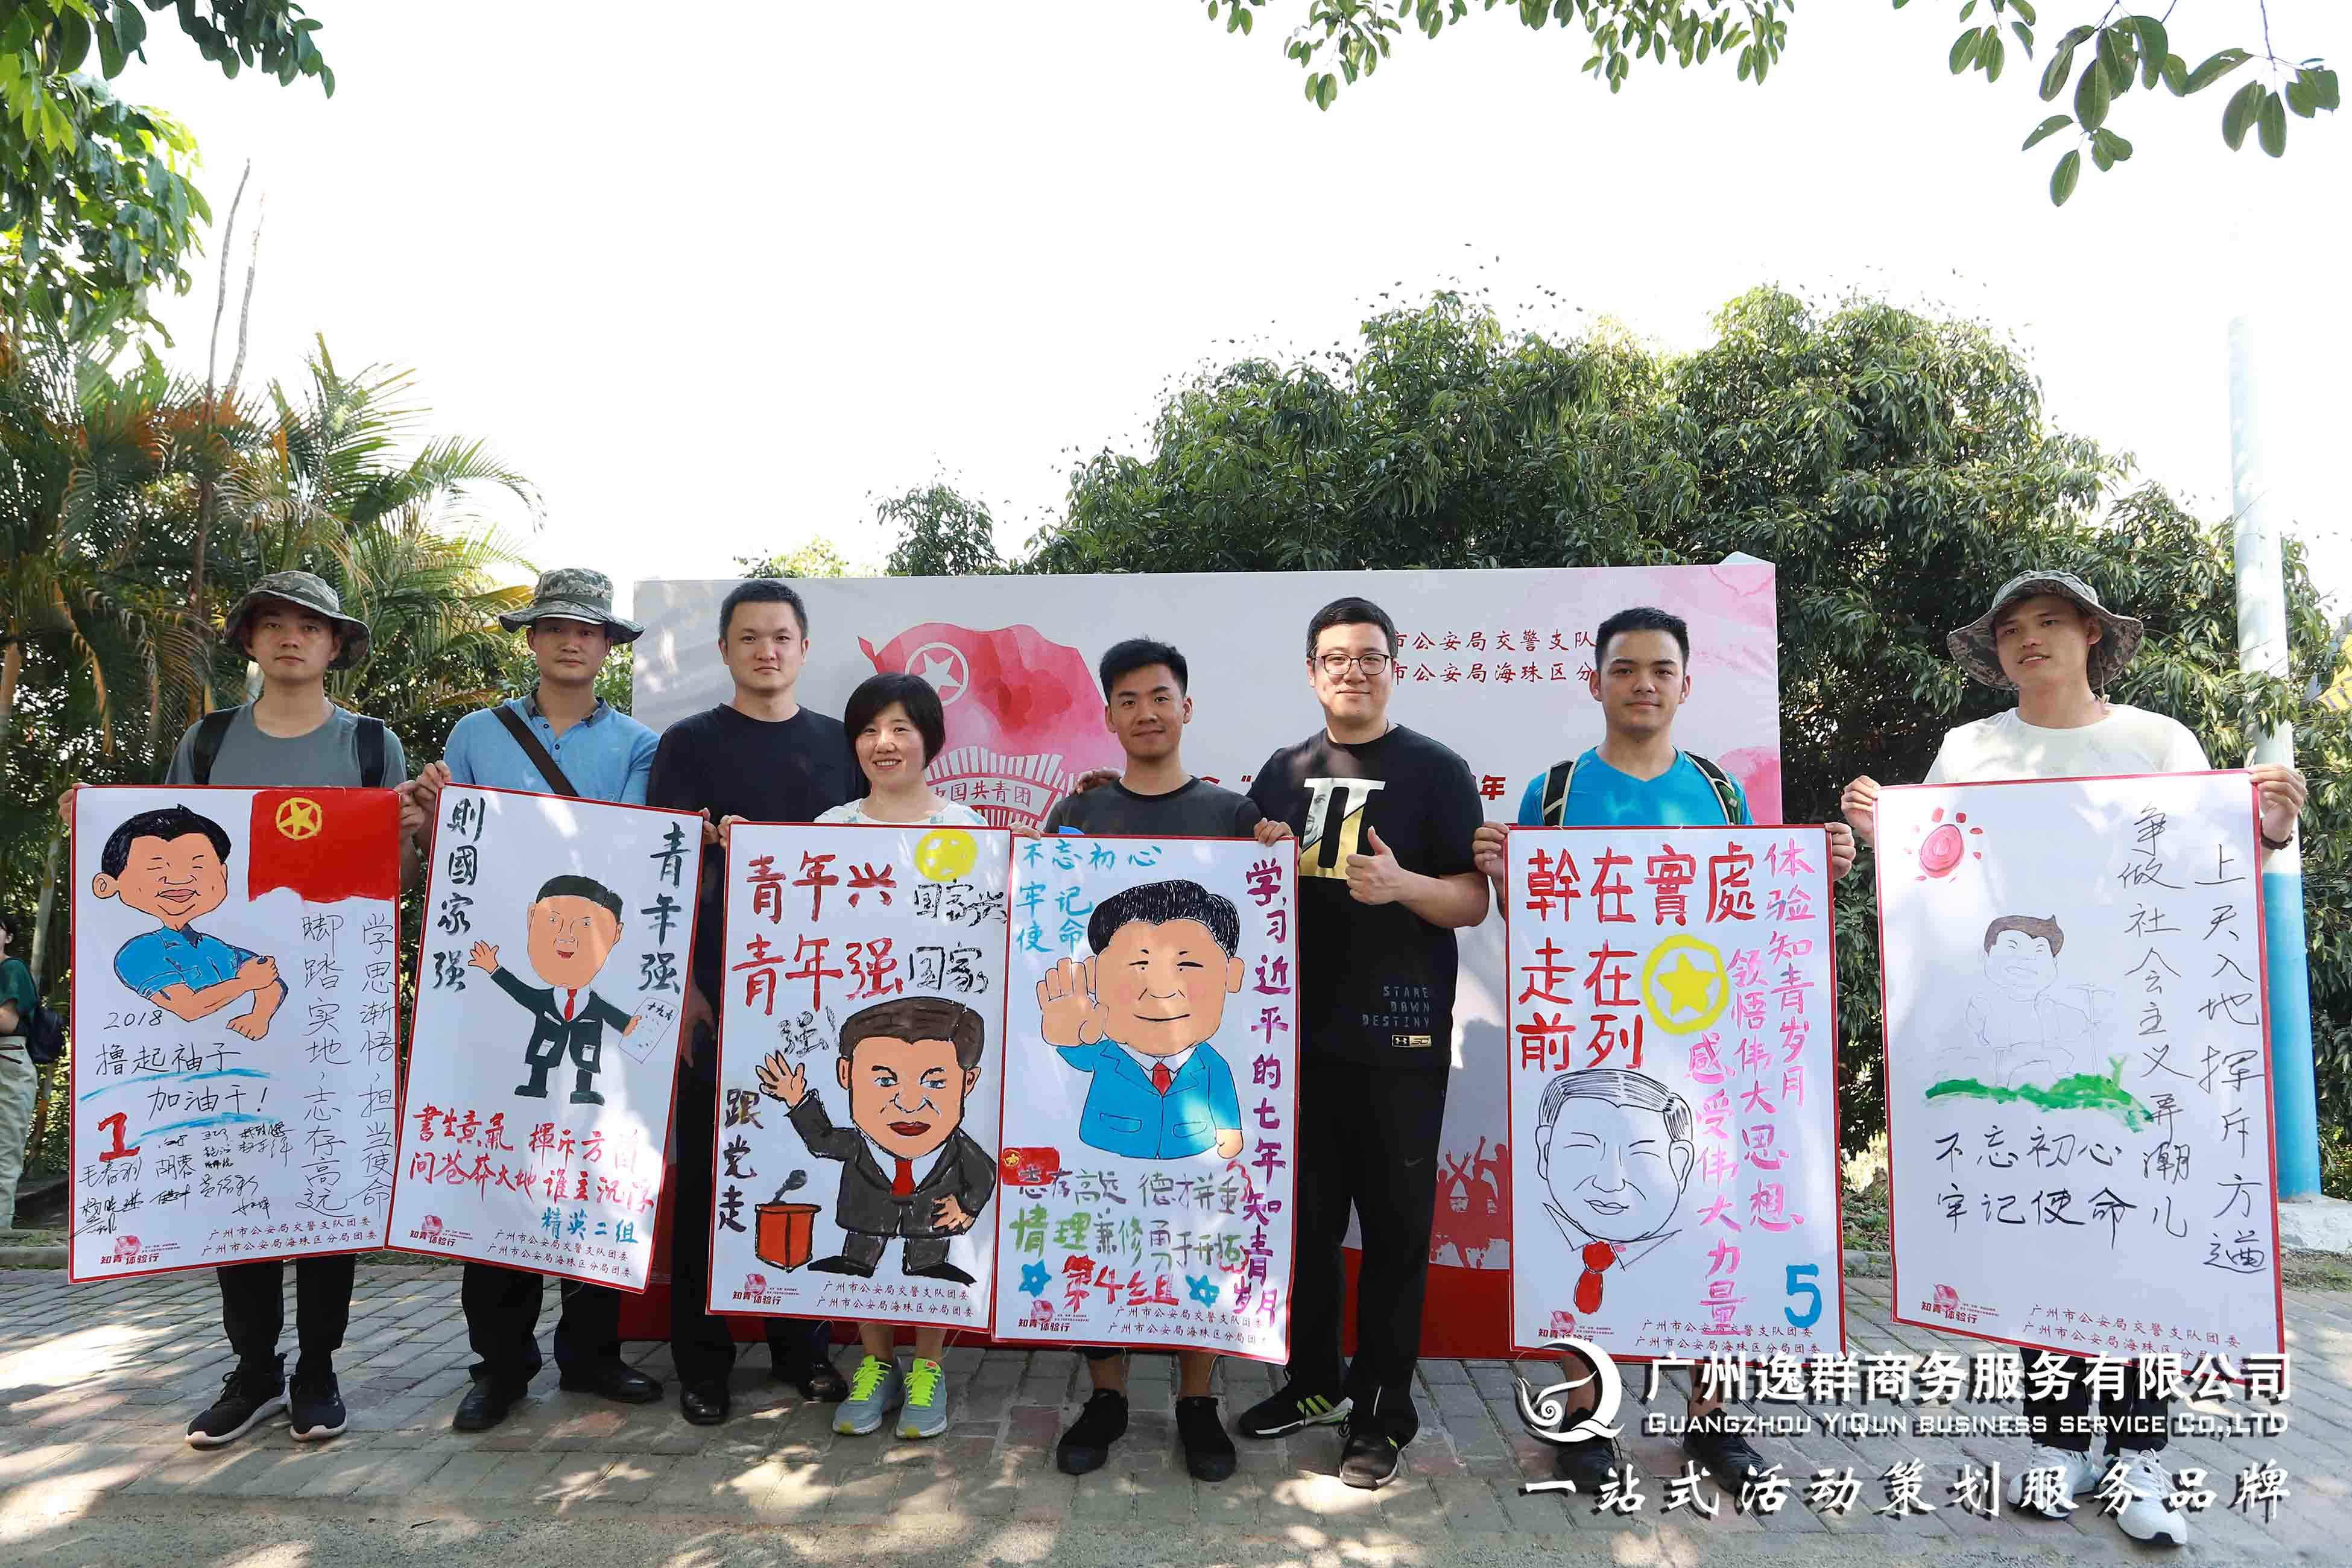 2018.05.15海珠公安、交警团委